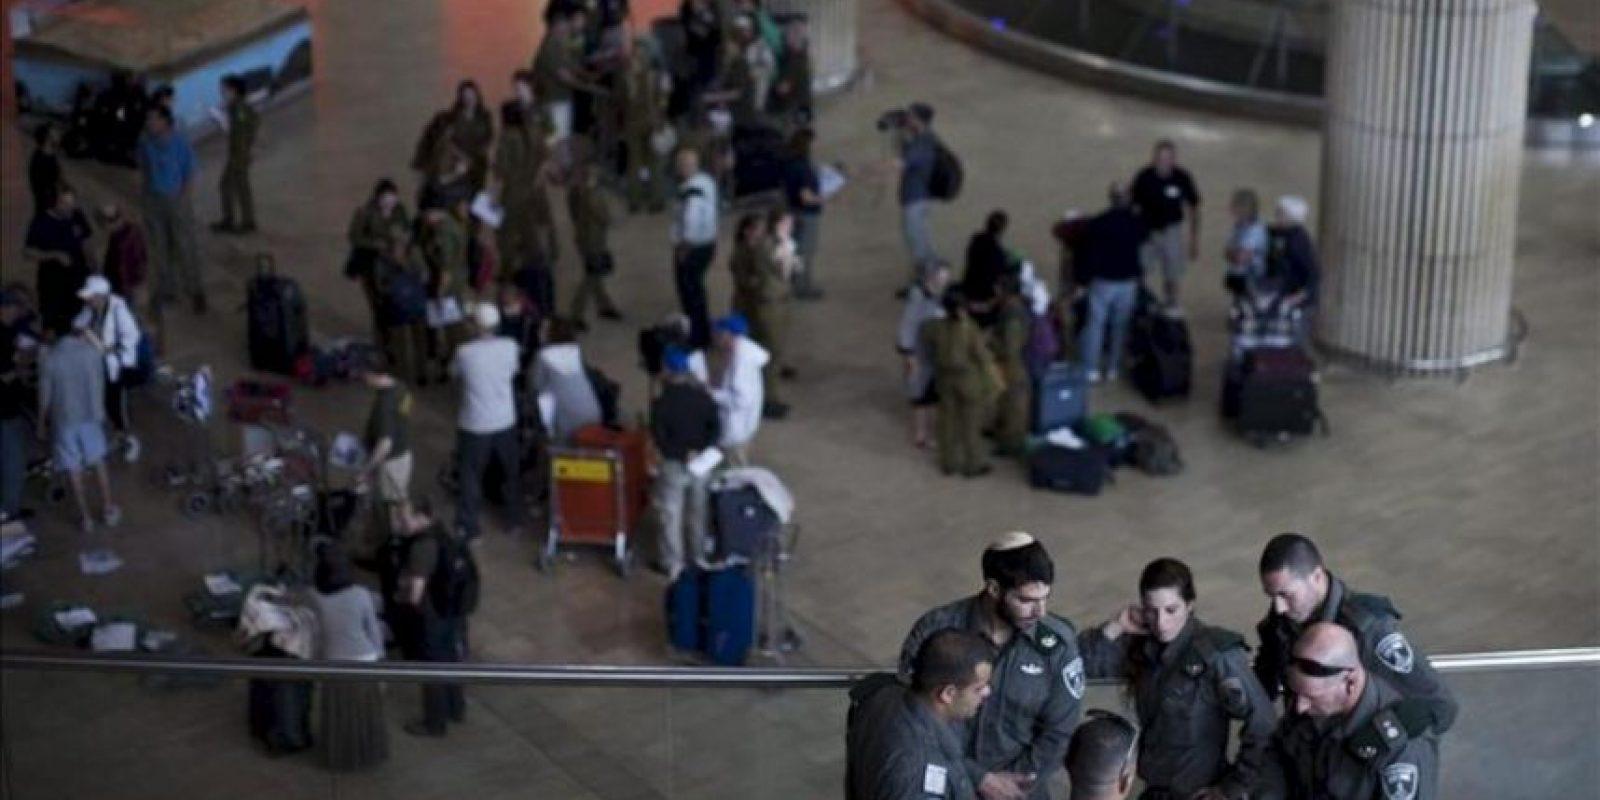 """Policías fronterizos israelíes permanecen hoy en el aeropuerto de Ben Gurion en Tel Aviv (Israel). Las autoridades israelíes han desplegado cientos de policías fronterizos para evitar la llegada de turistas bajo el reclamo de """"Bienvenido a Palestina"""". EFE"""